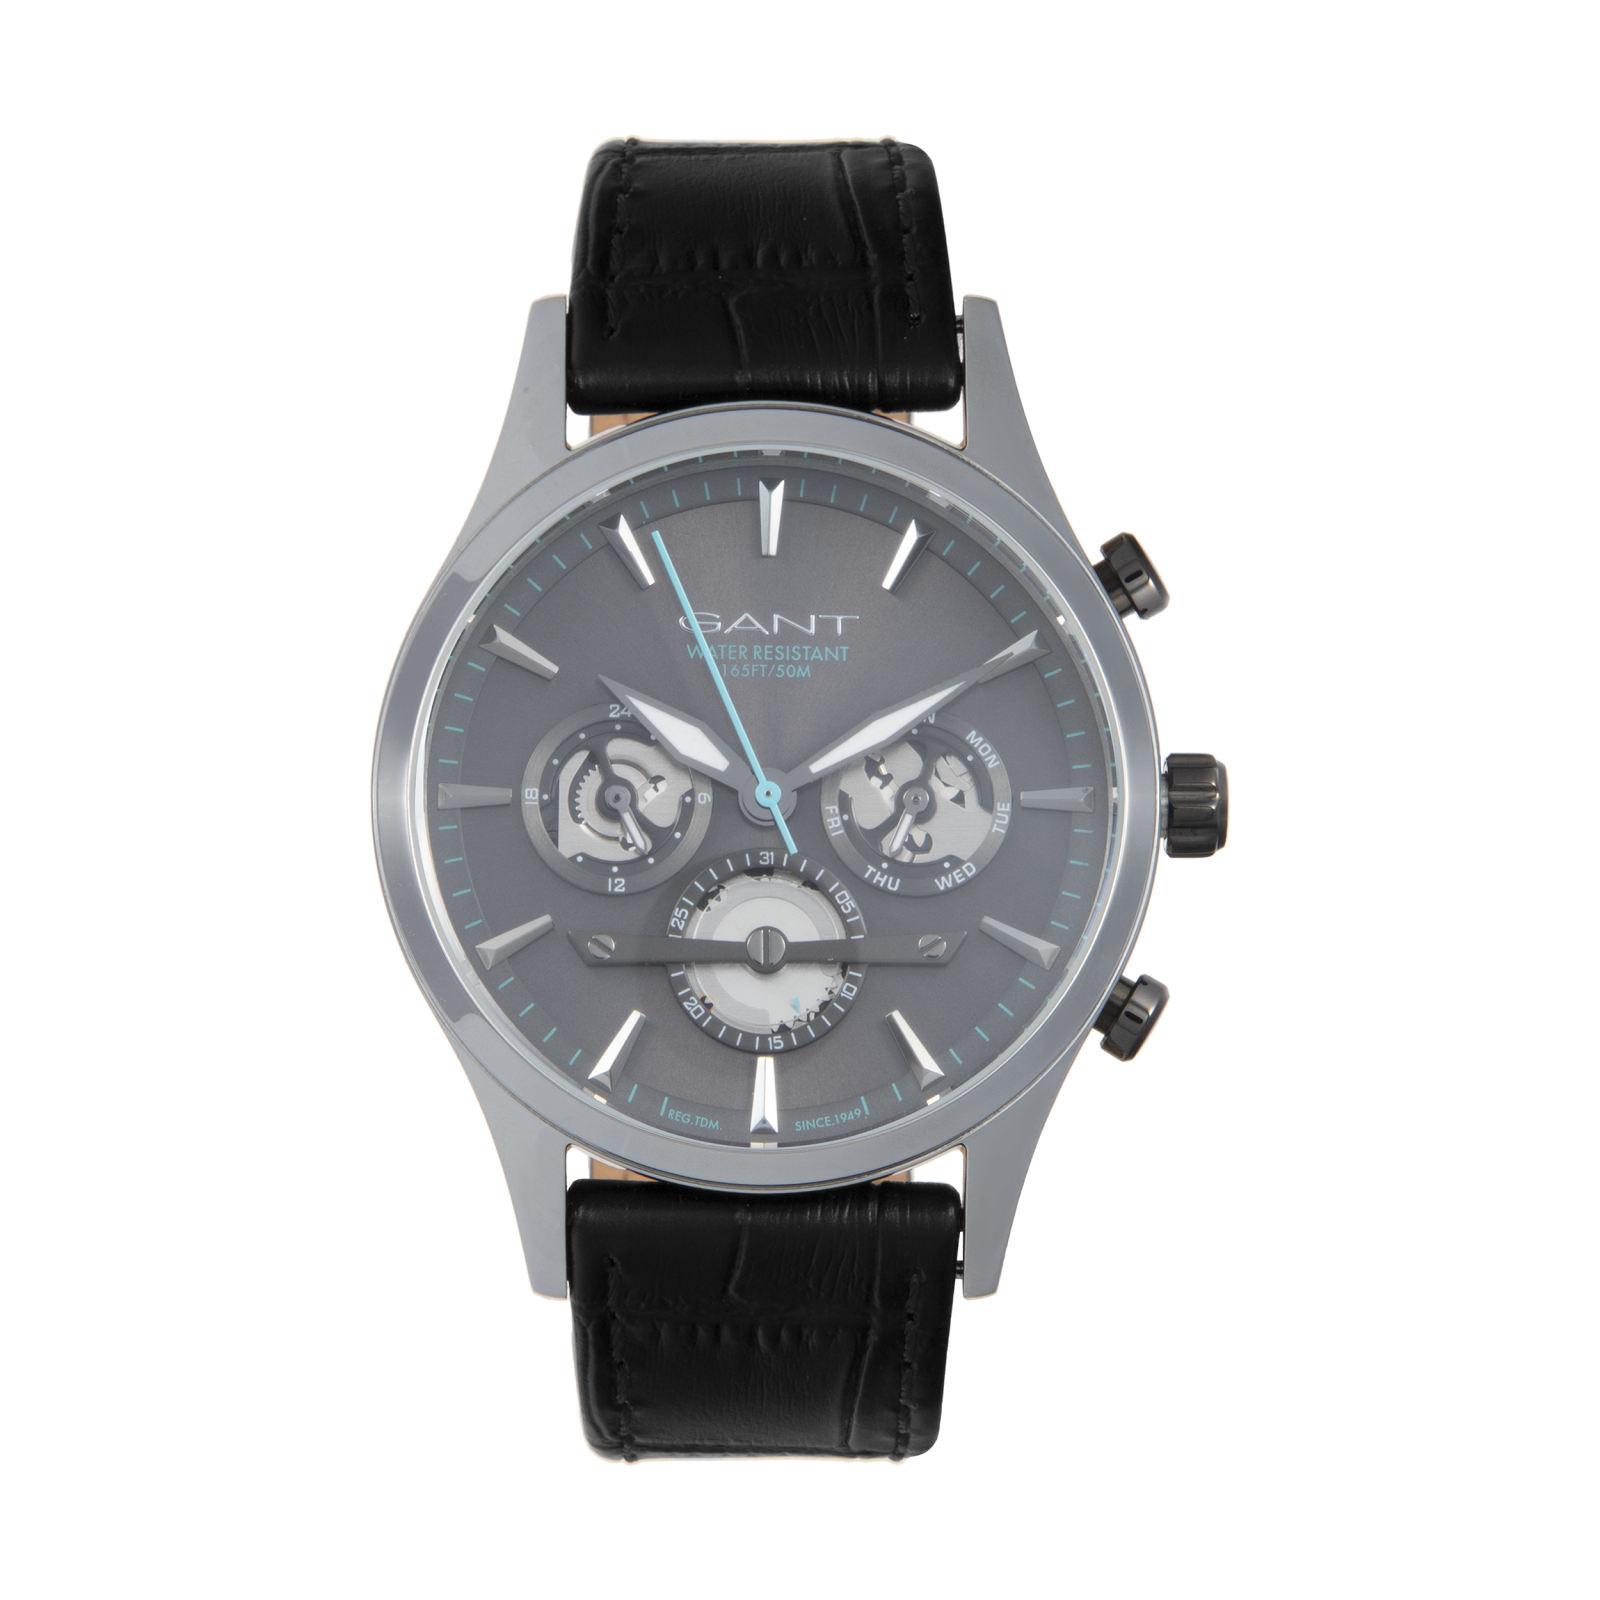 ساعت مچی عقربه ای مردانه گنت مدل GW005020 -  - 2